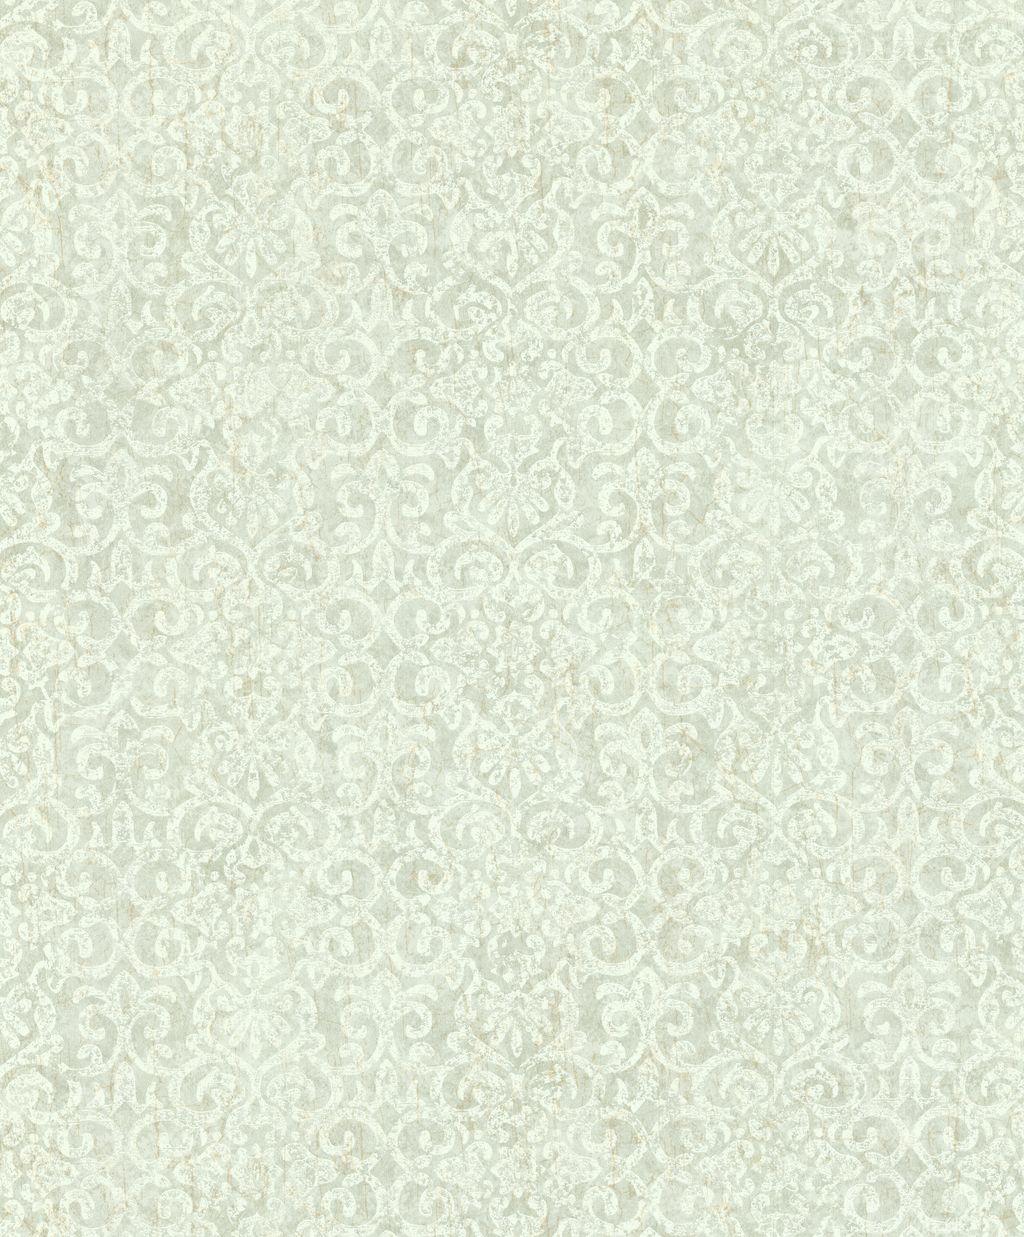 Итальянские обои Estro,  коллекция Barcelona, артикулBL51302